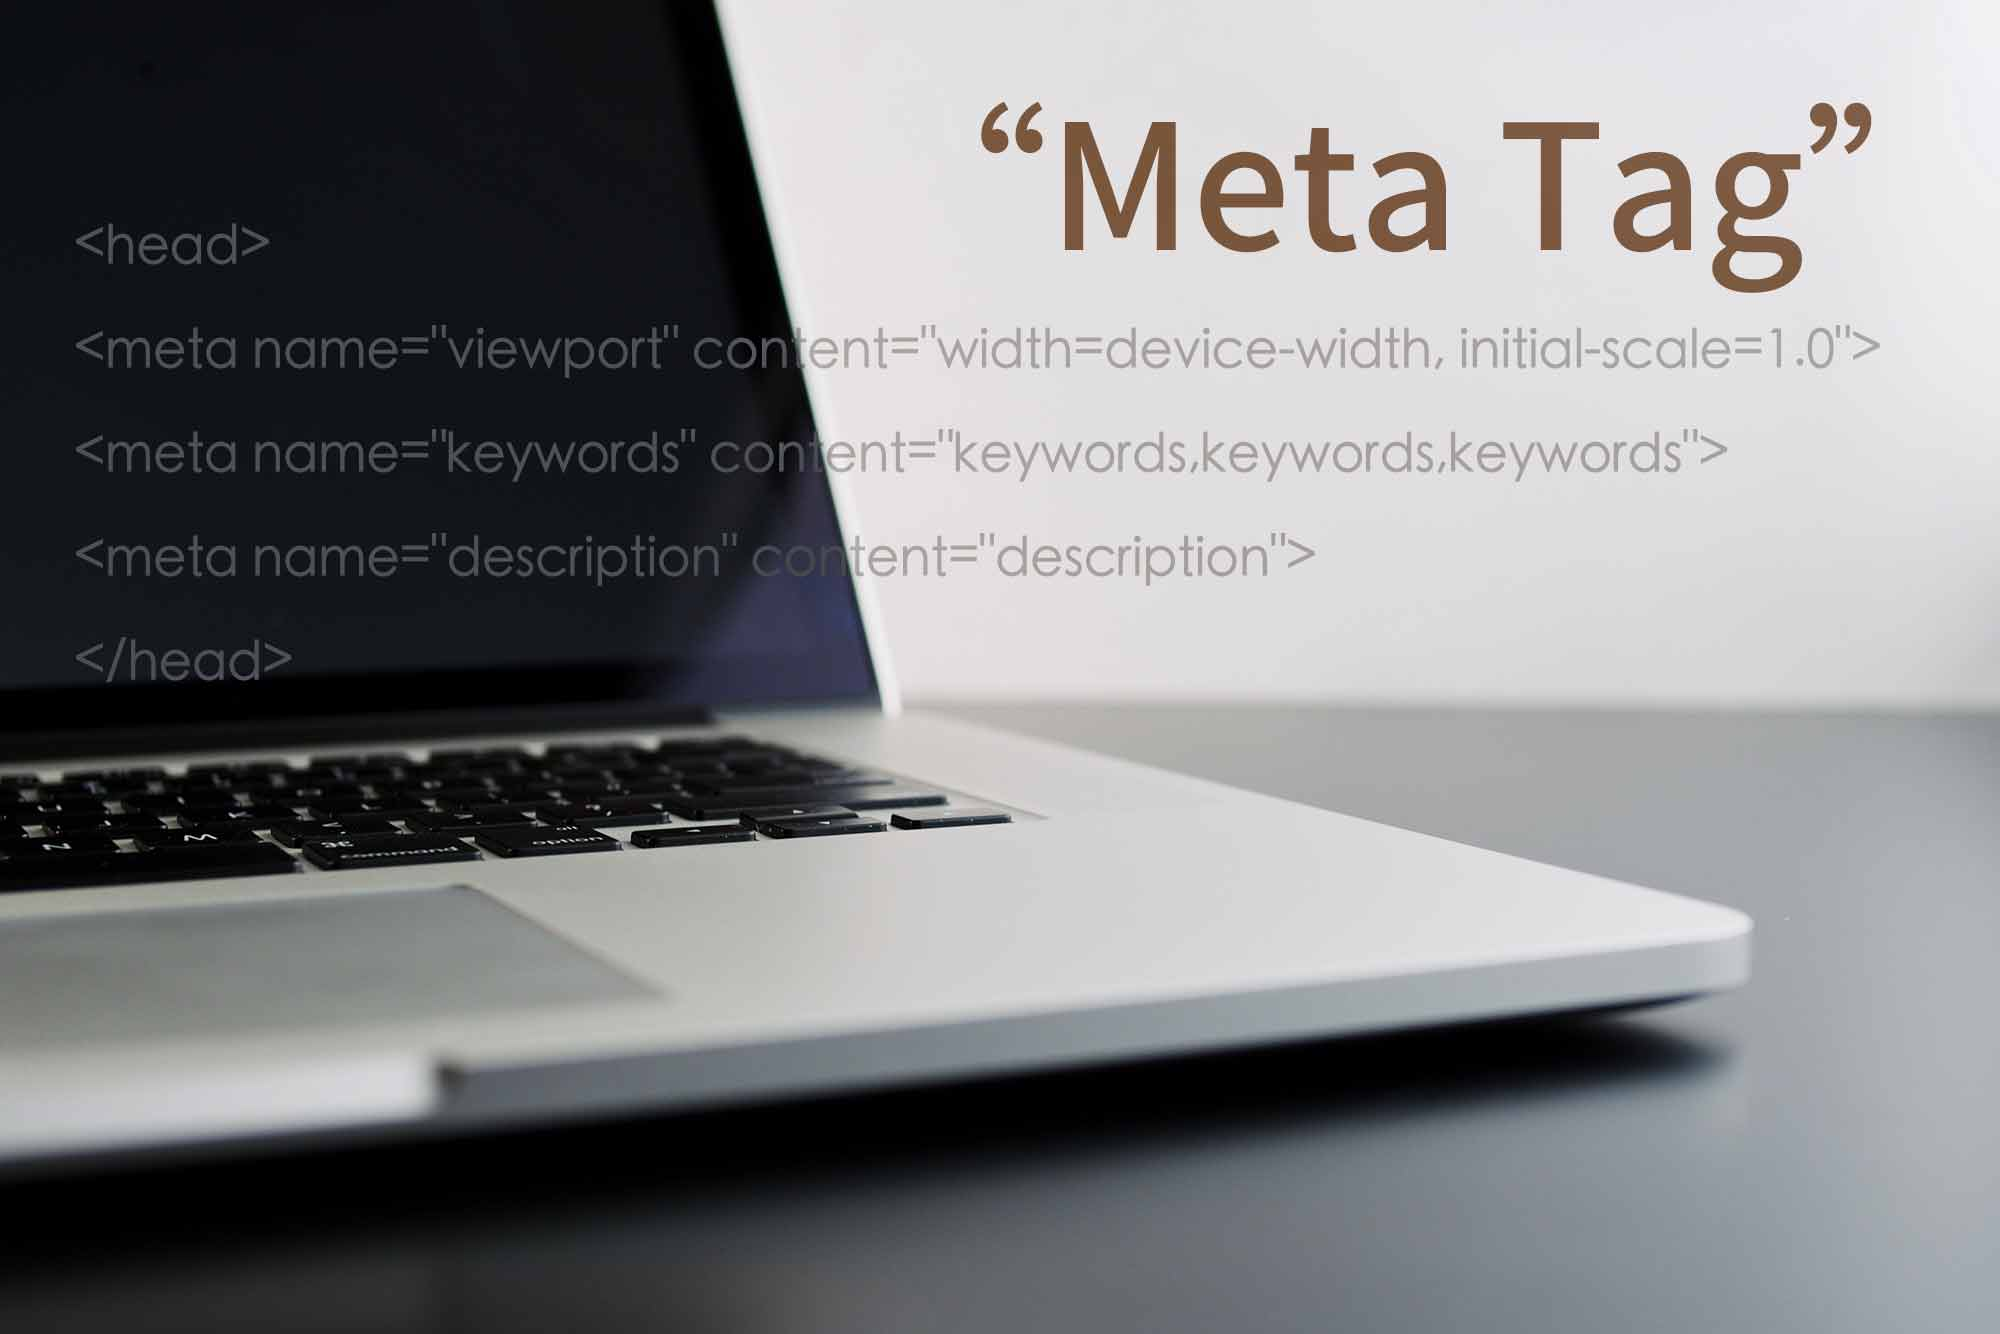 擅用Meta Name標籤加註增進搜尋排序:1.VIEW PORT設置視窗入口 、2. KEY WORD設置關鍵字(近期google未採用)、3. DESCRIPTION 設置內容描述、4.瞭解Meta Name 屬性...台北網頁設計公司推薦-提供:RWD響應式網頁設計、SEO關鍵字優化、公司品牌網頁設計、客製化網頁設計、公司形象網站製作、ㄧ頁式網頁設計公司、網頁設計步驟、網頁設計範例、科技公司網頁設計、設計公司網頁設計、官網設計、企業網站設計、作品集、(品牌網站建置設計費用、收費、報價單洽詢)、餐廳網頁設計、工作室網頁設計、貿易網頁設計、外銷網頁設計、大學網頁設計、系所網頁設計、學校網頁設計、研究中心網頁設計、藝廊網頁設計、電商網頁設計。客戶觸及桃園,新竹,台中,台南,高雄與北台灣-歡迎您聯繫。